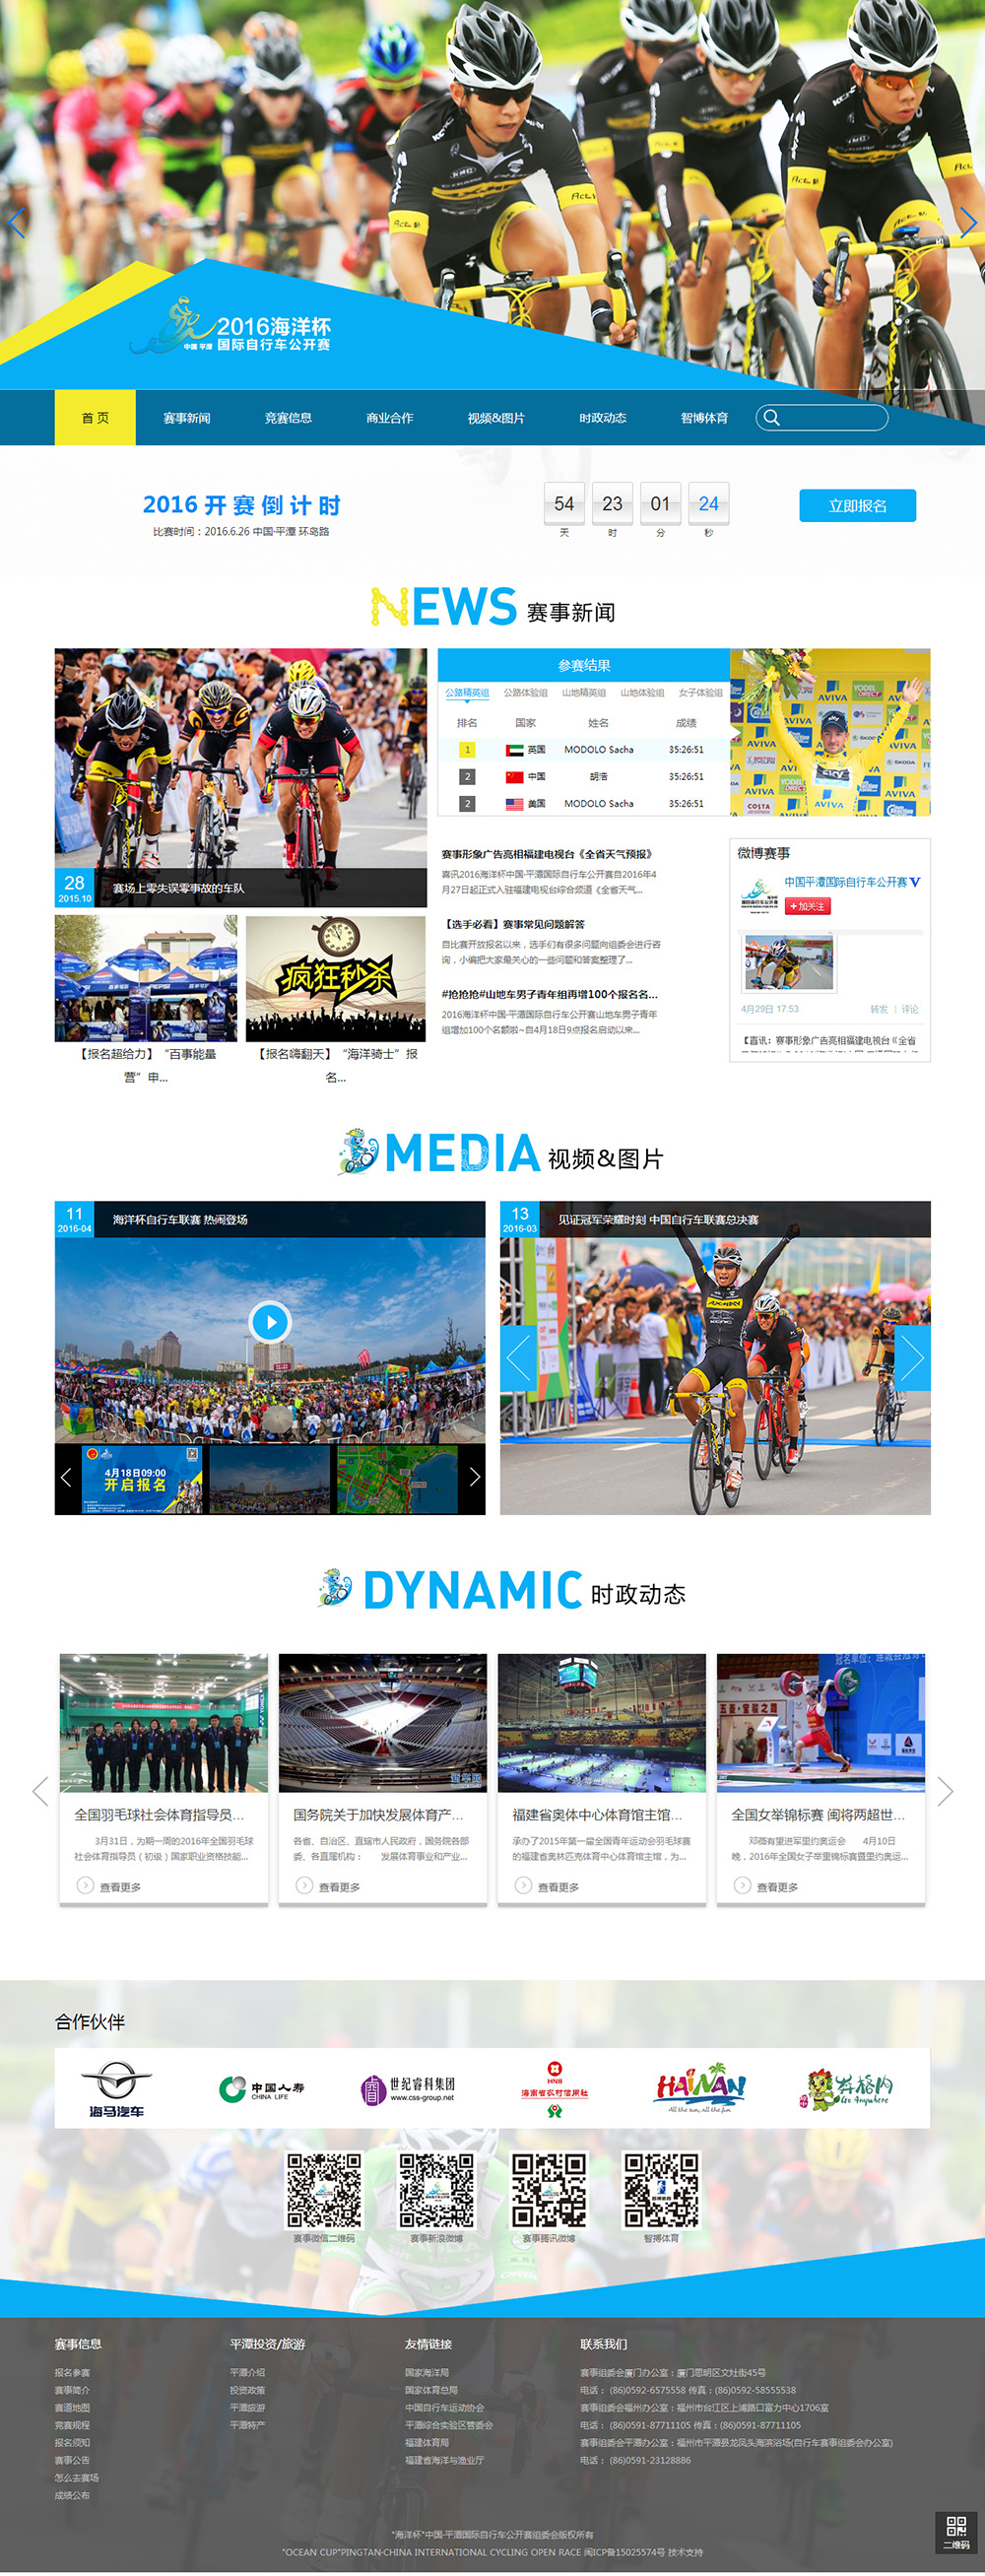 自行车赛网站设计